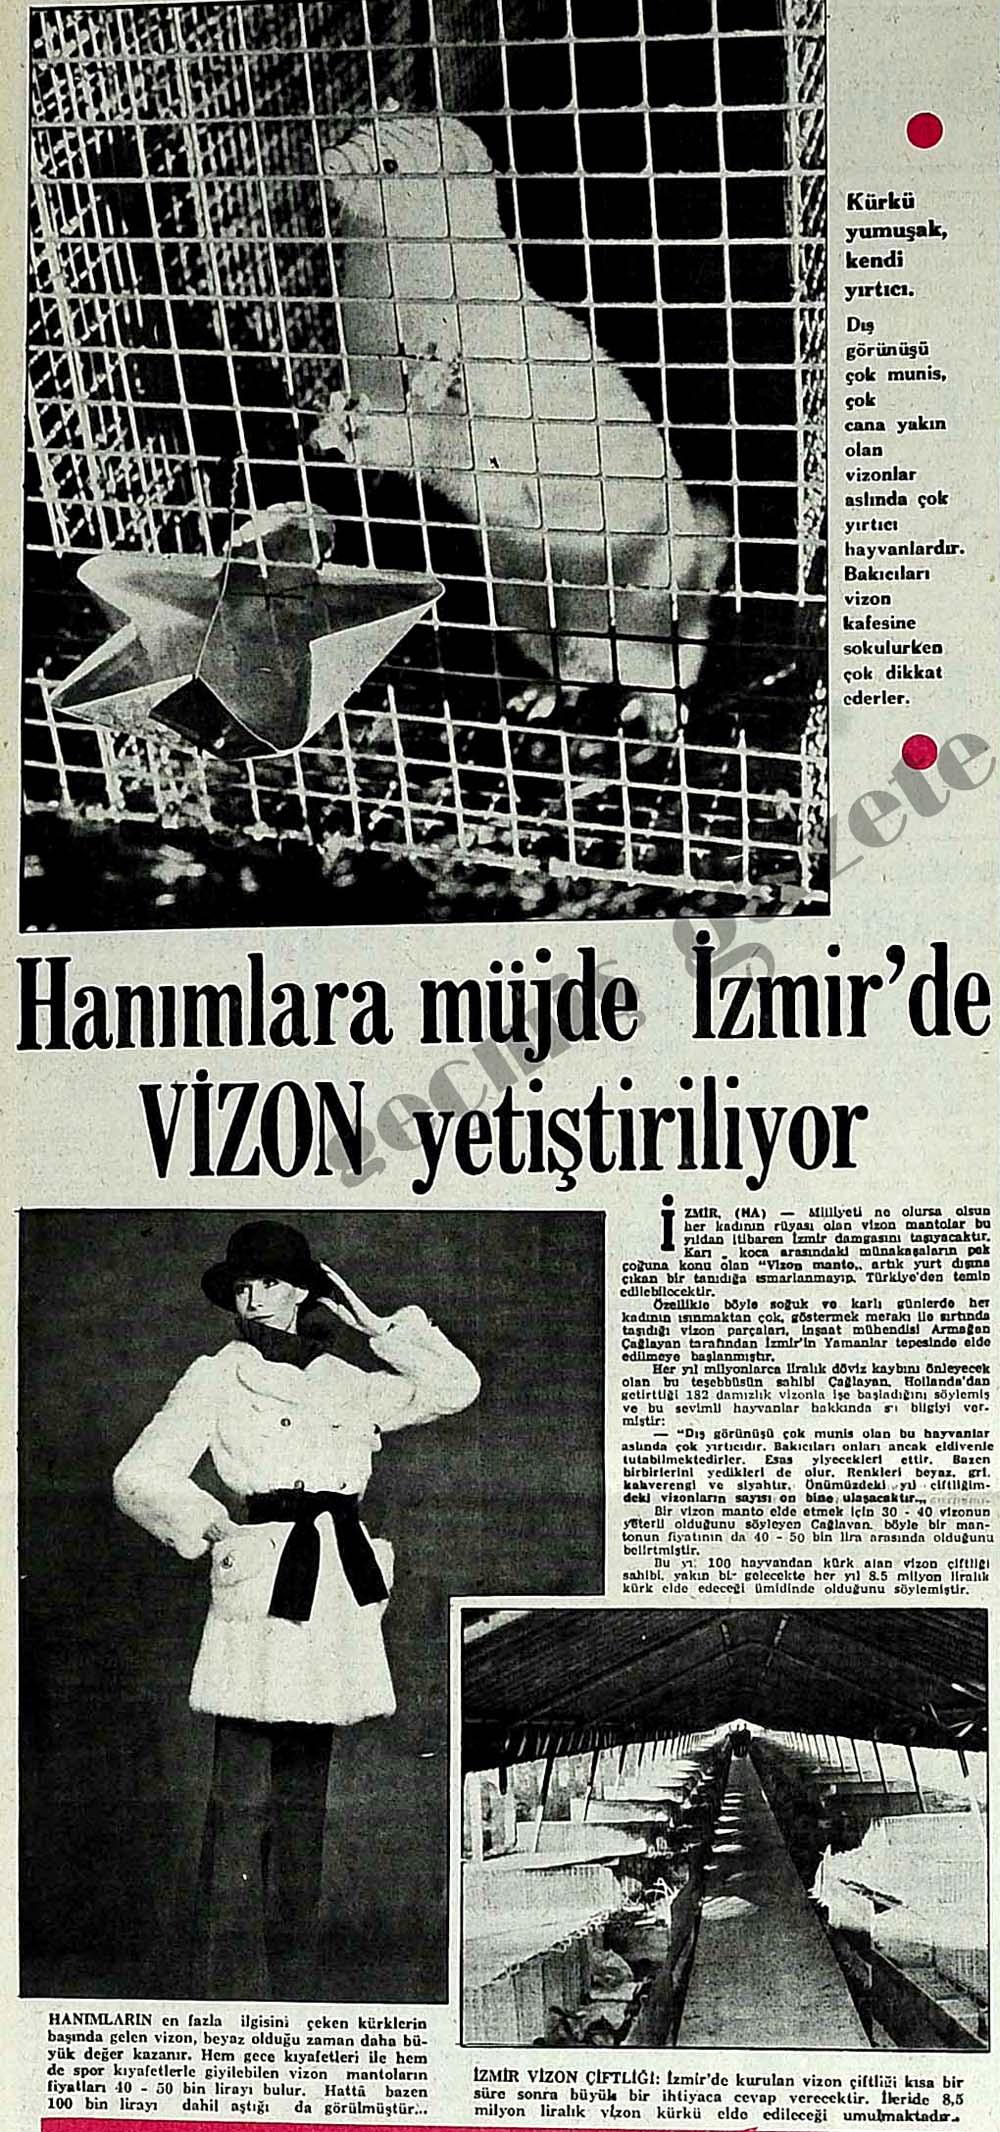 Hanımlara müjde İzmir'de VİZON yetiştiriliyor